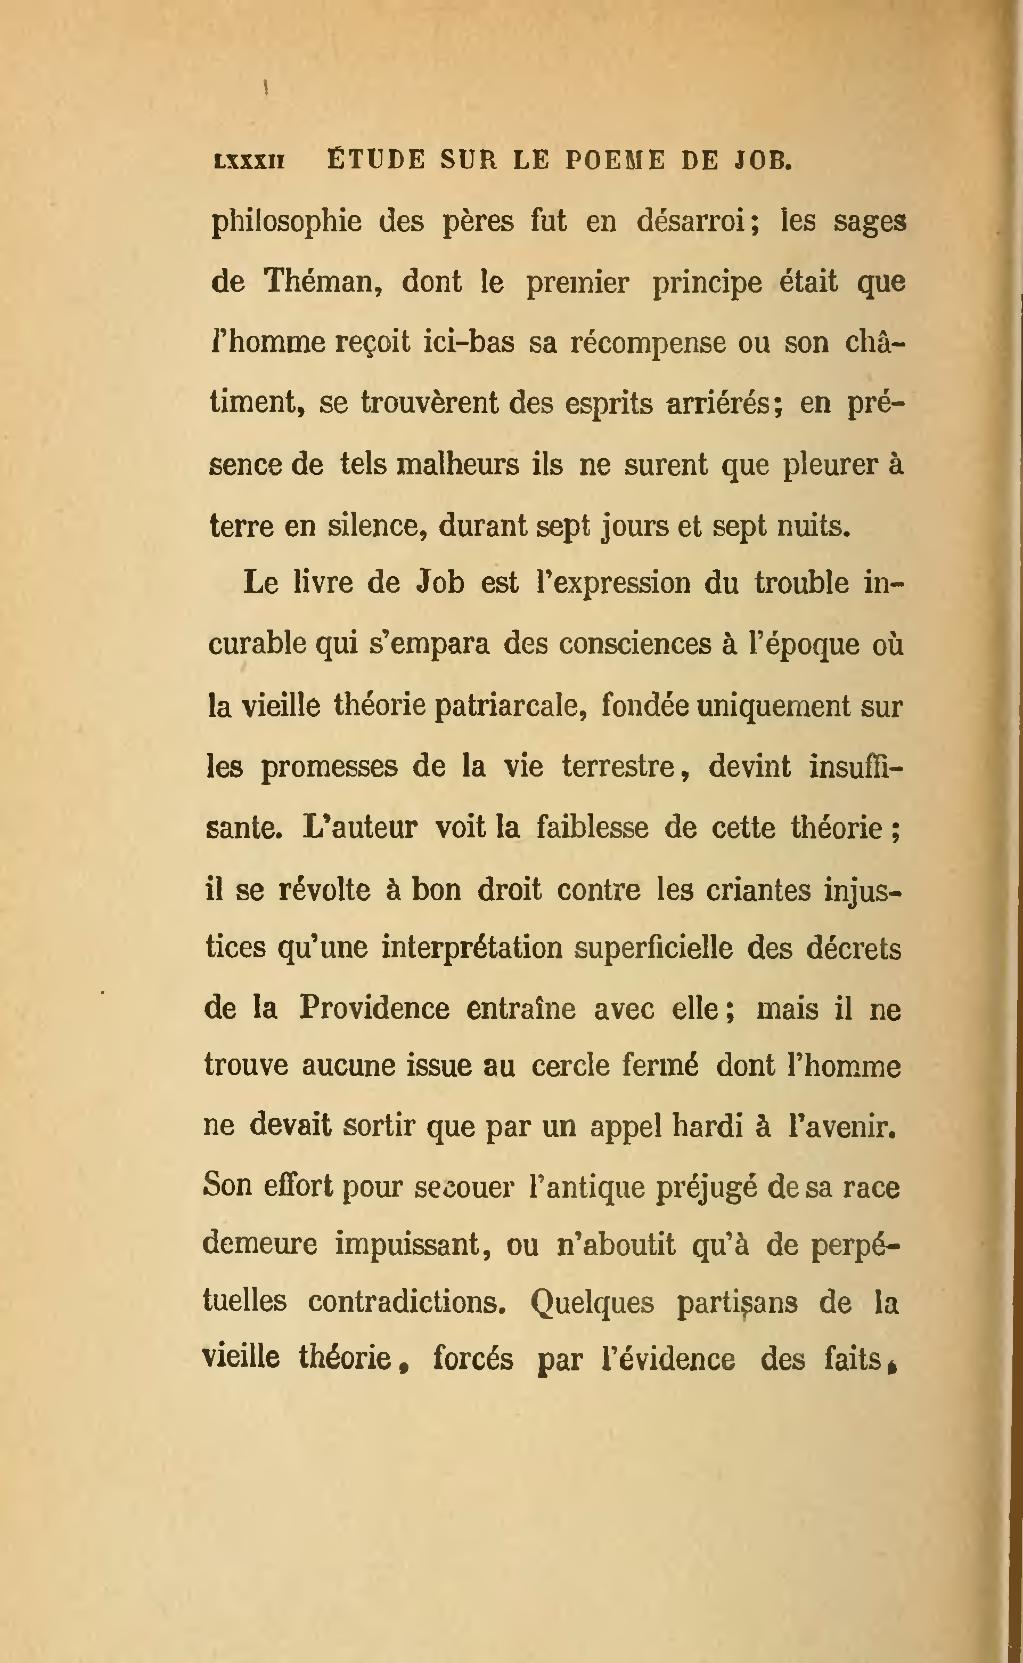 Le Livre De Job, Calmann-Levy, 1860